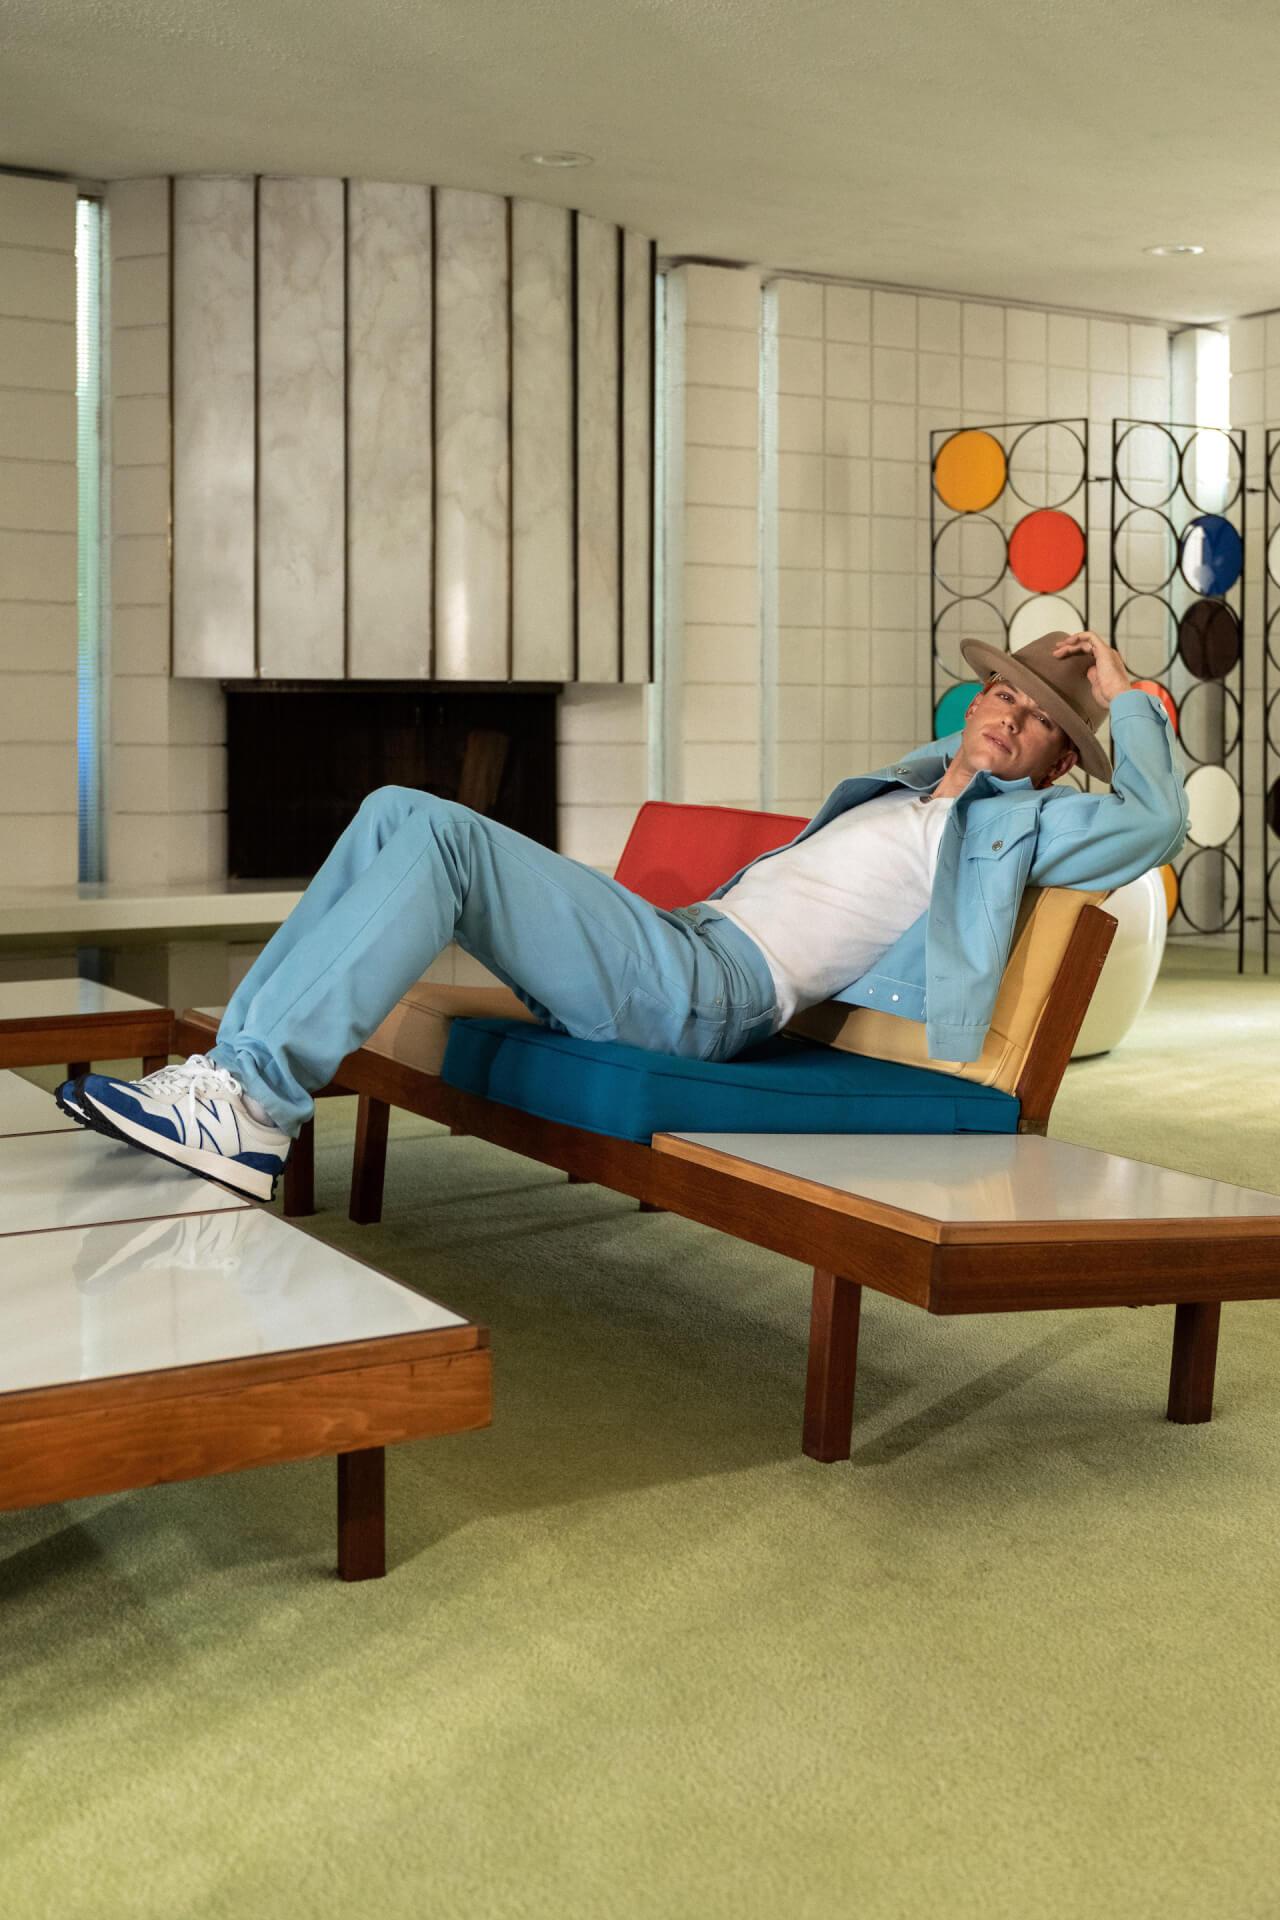 ニューバランスの人気モデル「327」に新色『327 primary pack』が登場!キャンペーンビジュアルにはハリー・ハドソンを起用 fashion20128_newbalance_327primarypack_17